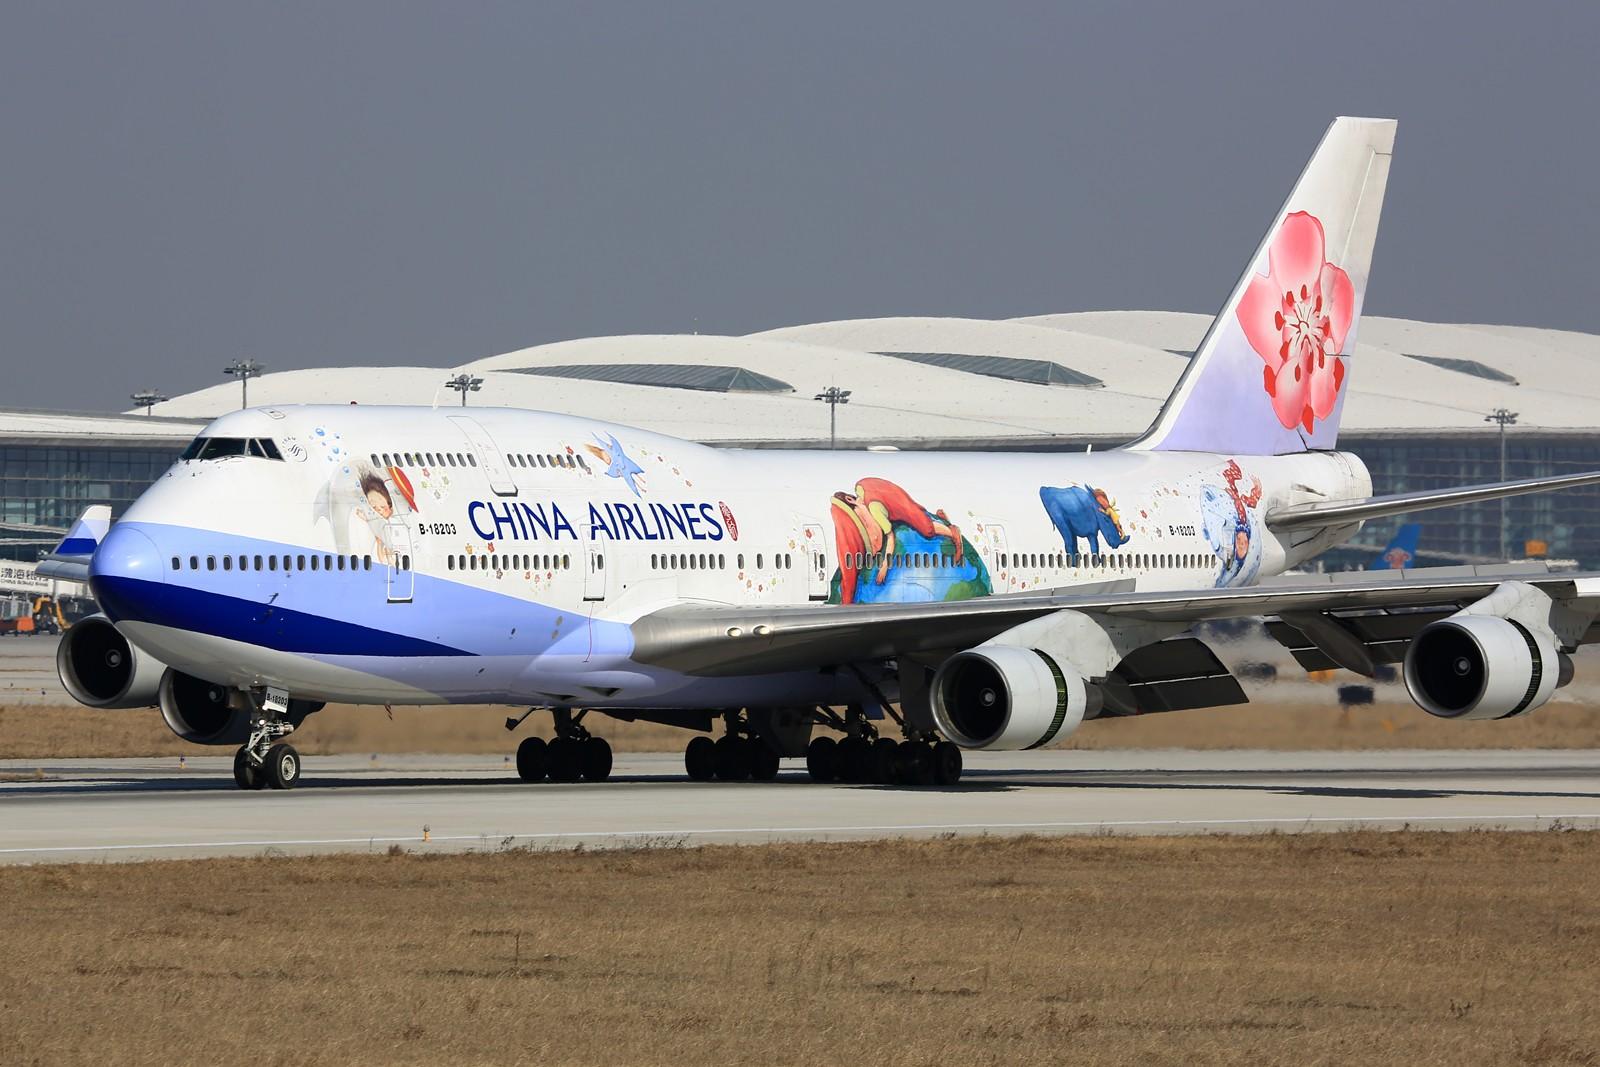 [原创]【NKG】**********2015新年好!南跑25头新拍机位:华航744吉米彩绘,汉莎343,东海738********** BOEING 747-400 B-18203 中国南京禄口国际机场